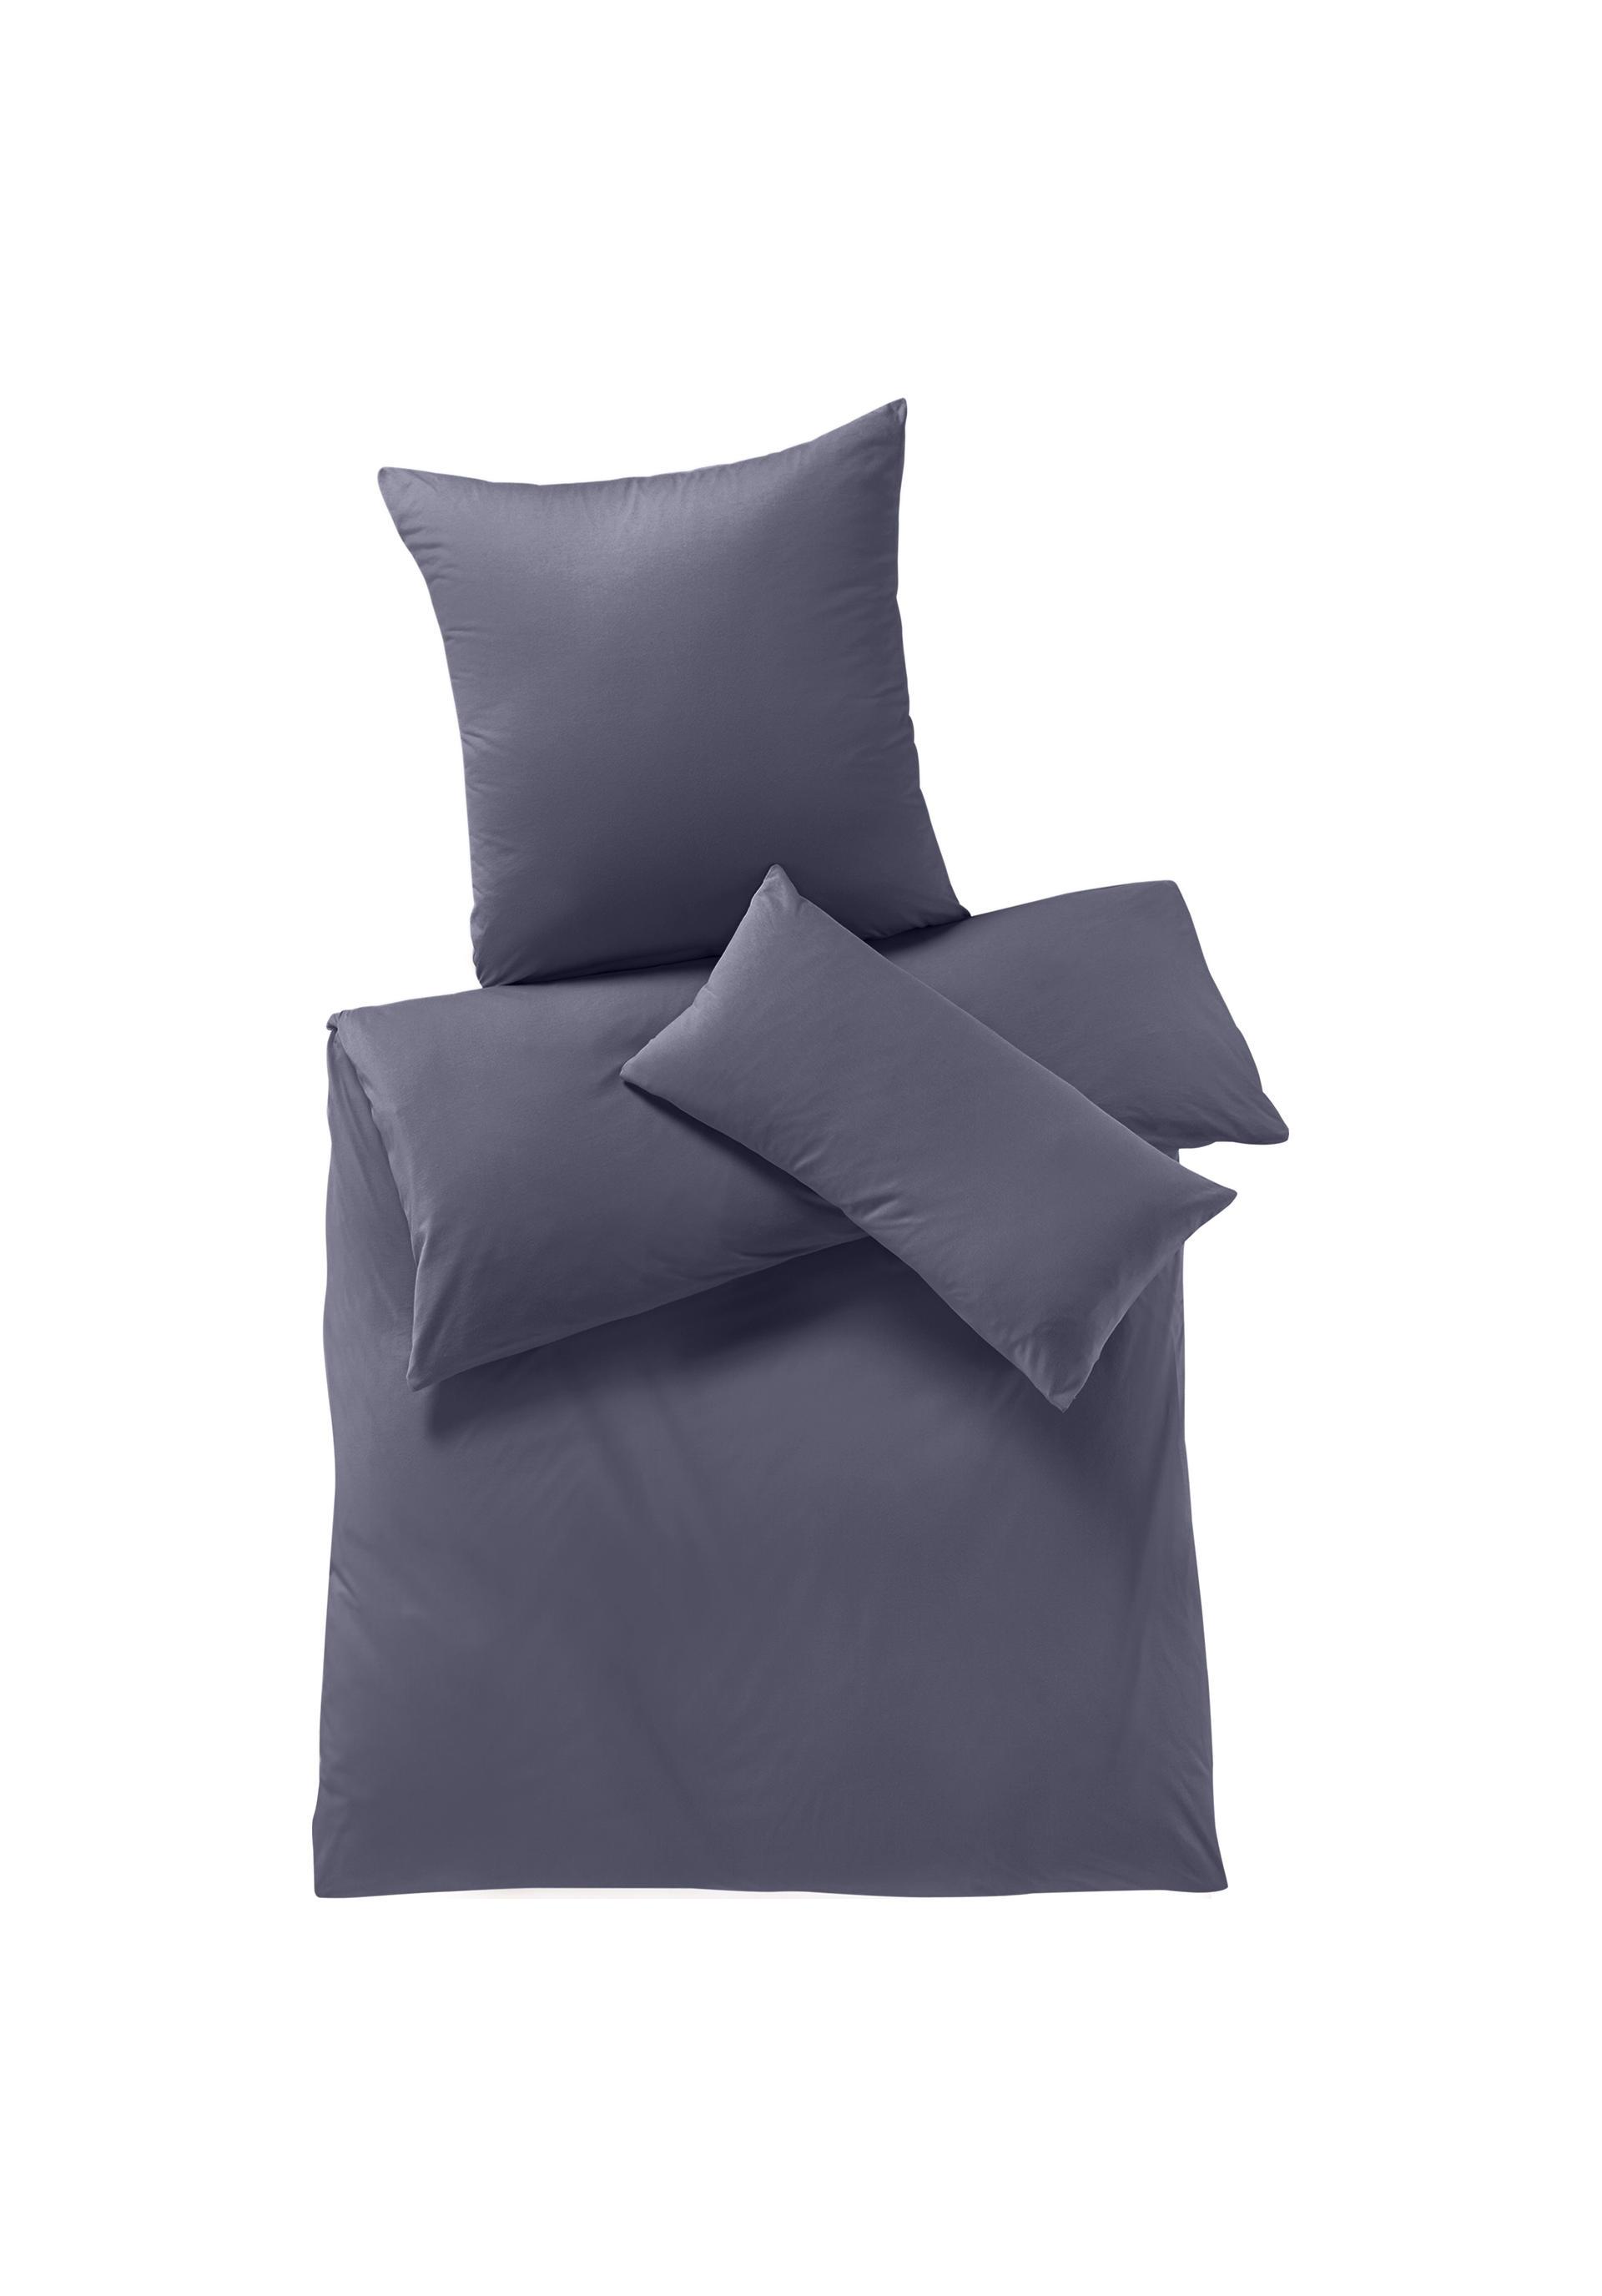 jersey bettw sche aus reiner bio baumwolle hessnatur sterreich. Black Bedroom Furniture Sets. Home Design Ideas